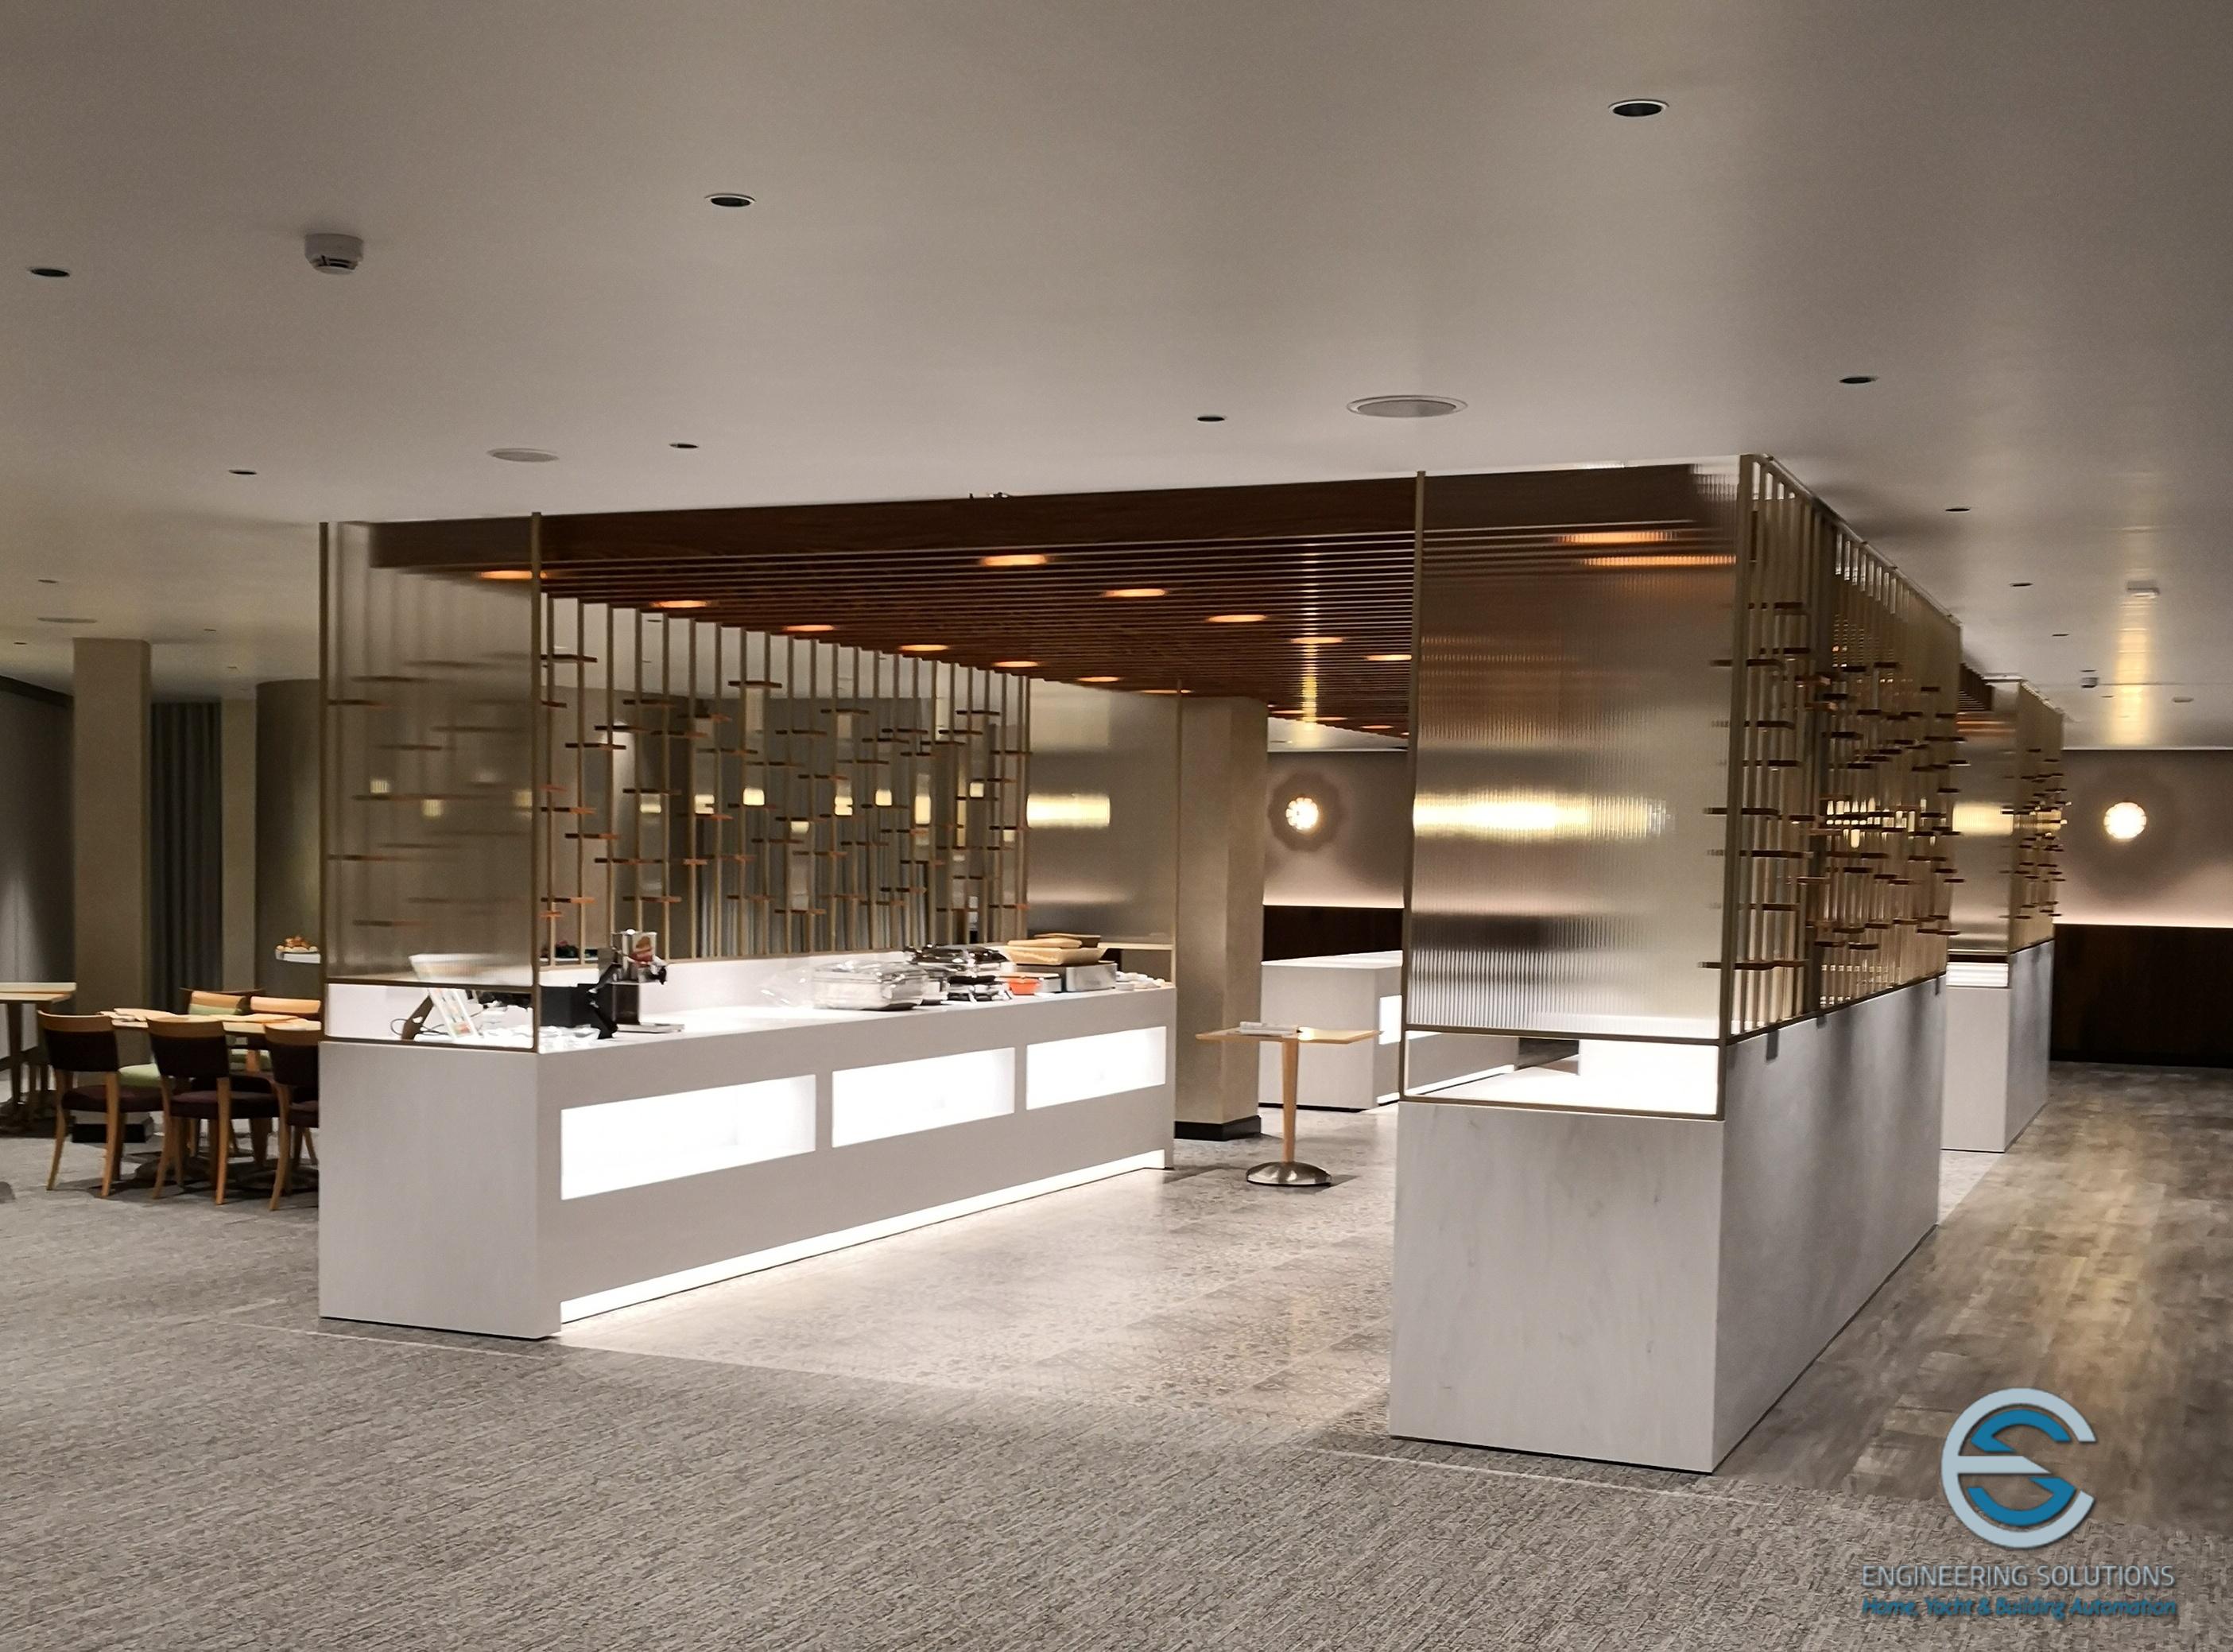 Sala Ristorazione LeMeridien Visconti Hotel .2